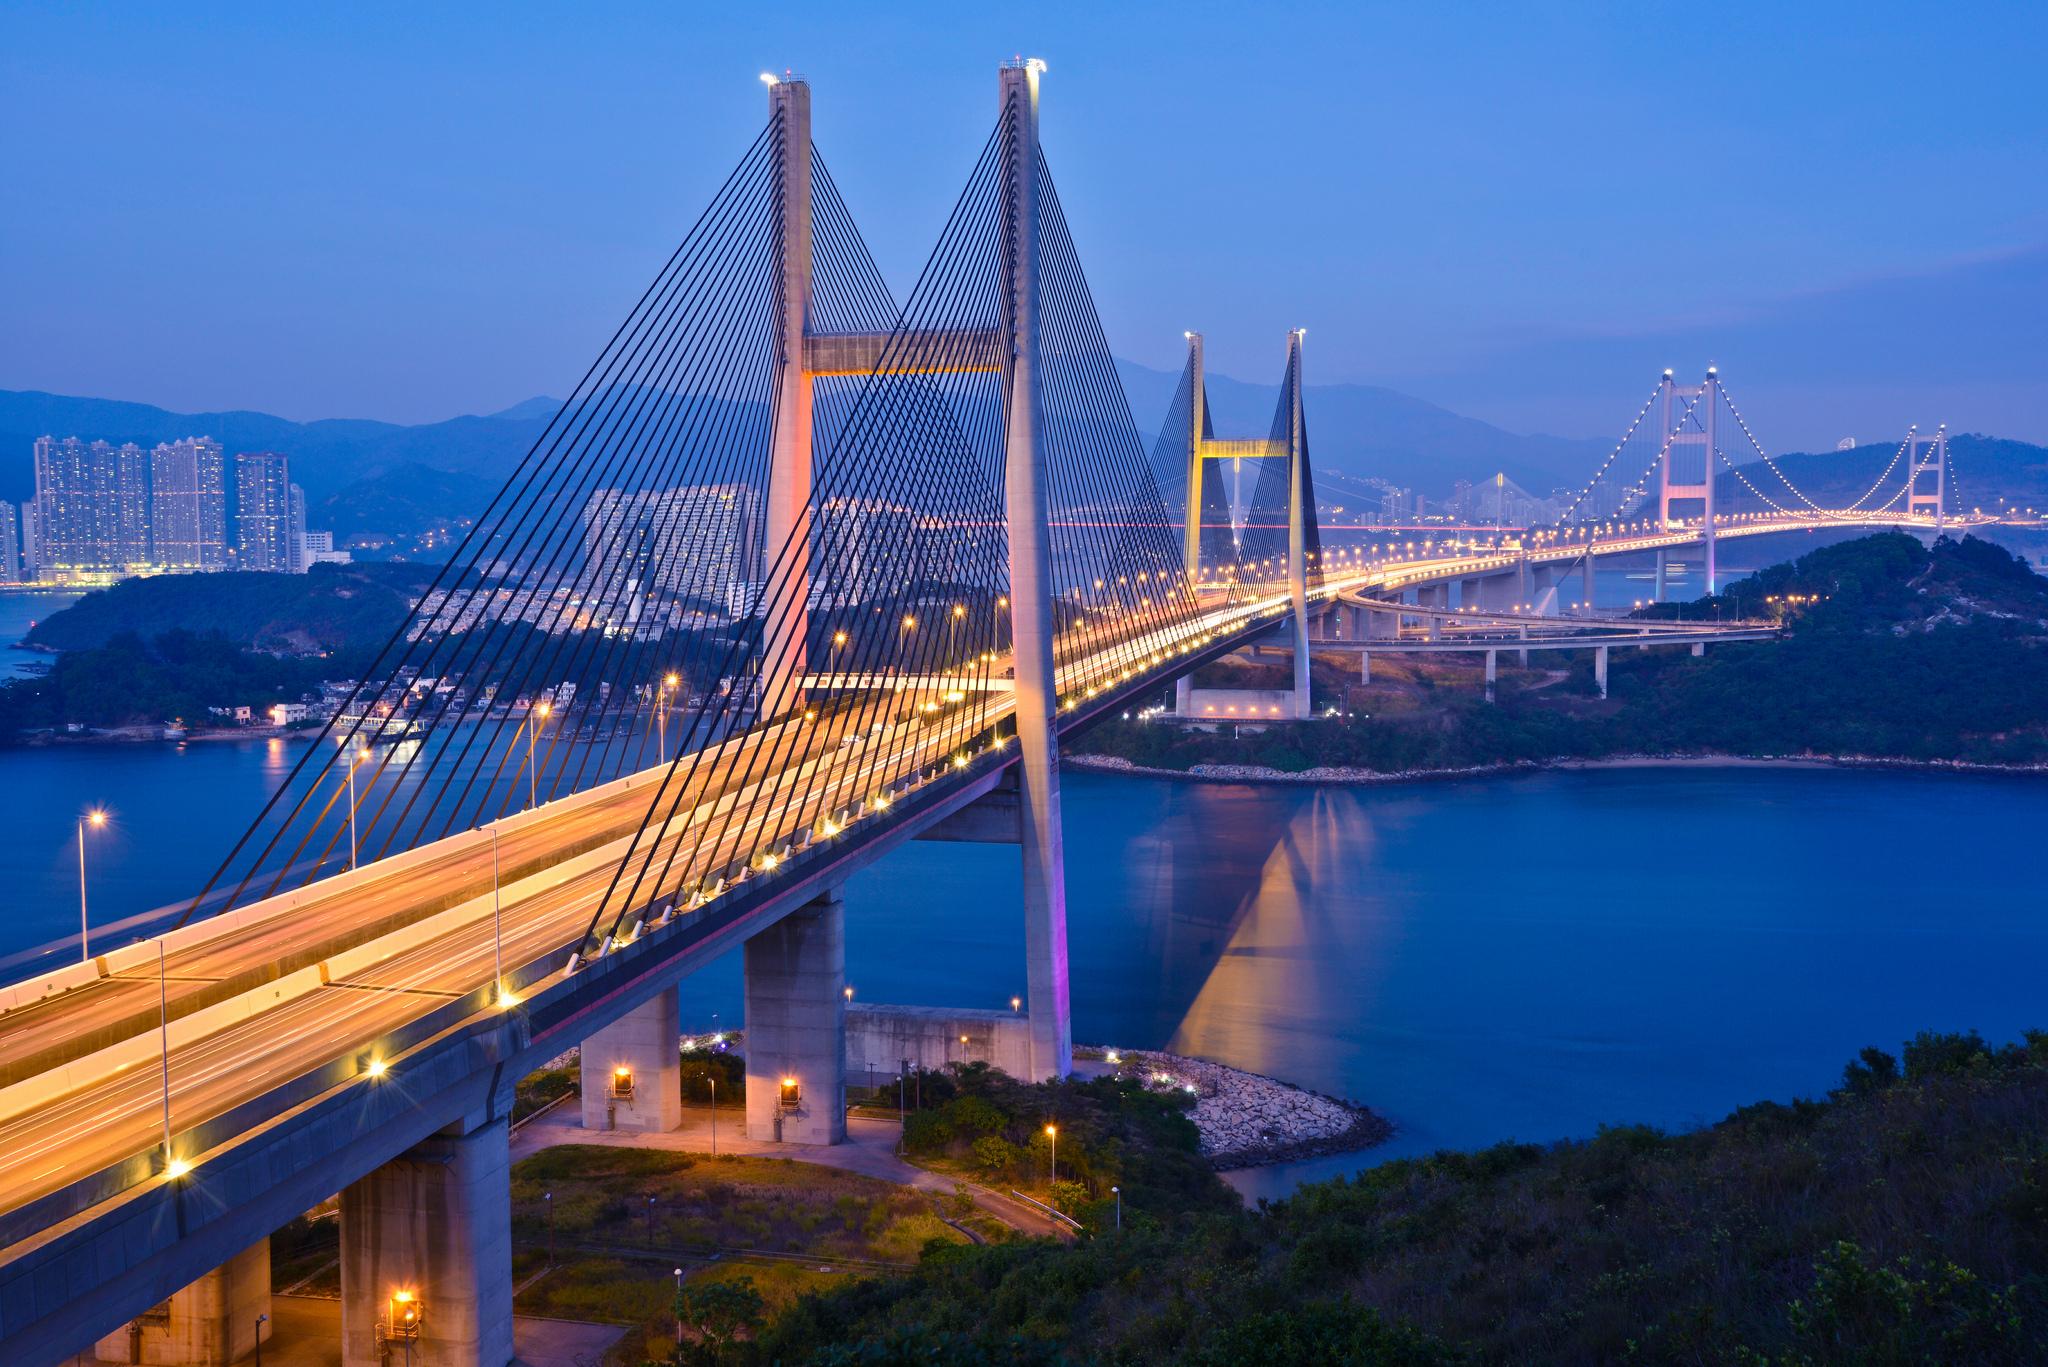 Tour Du Lịch Hong Kong : Đại Lộ Ngôi Sao - Vịnh Nước Cạn - Miếu Thần Tài - Shopping Chợ Quý Bà